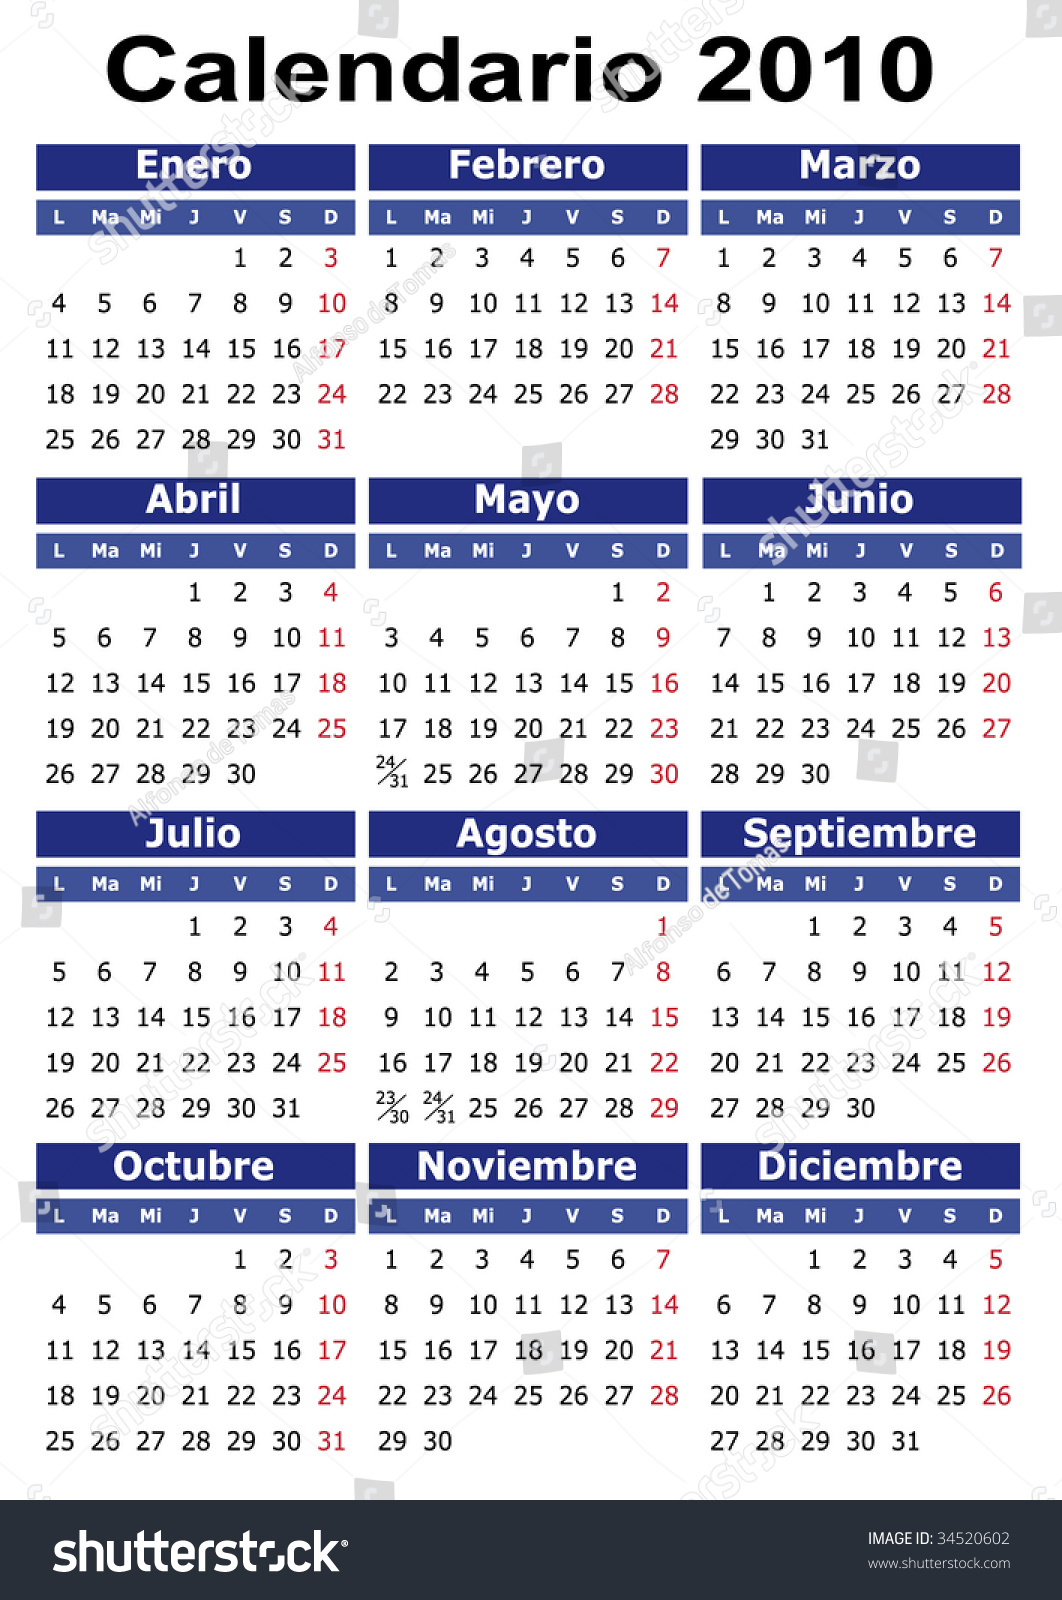 Calendario 2060.Spanish 2010 Vector Calendar Easy To Stock Photo 34520602